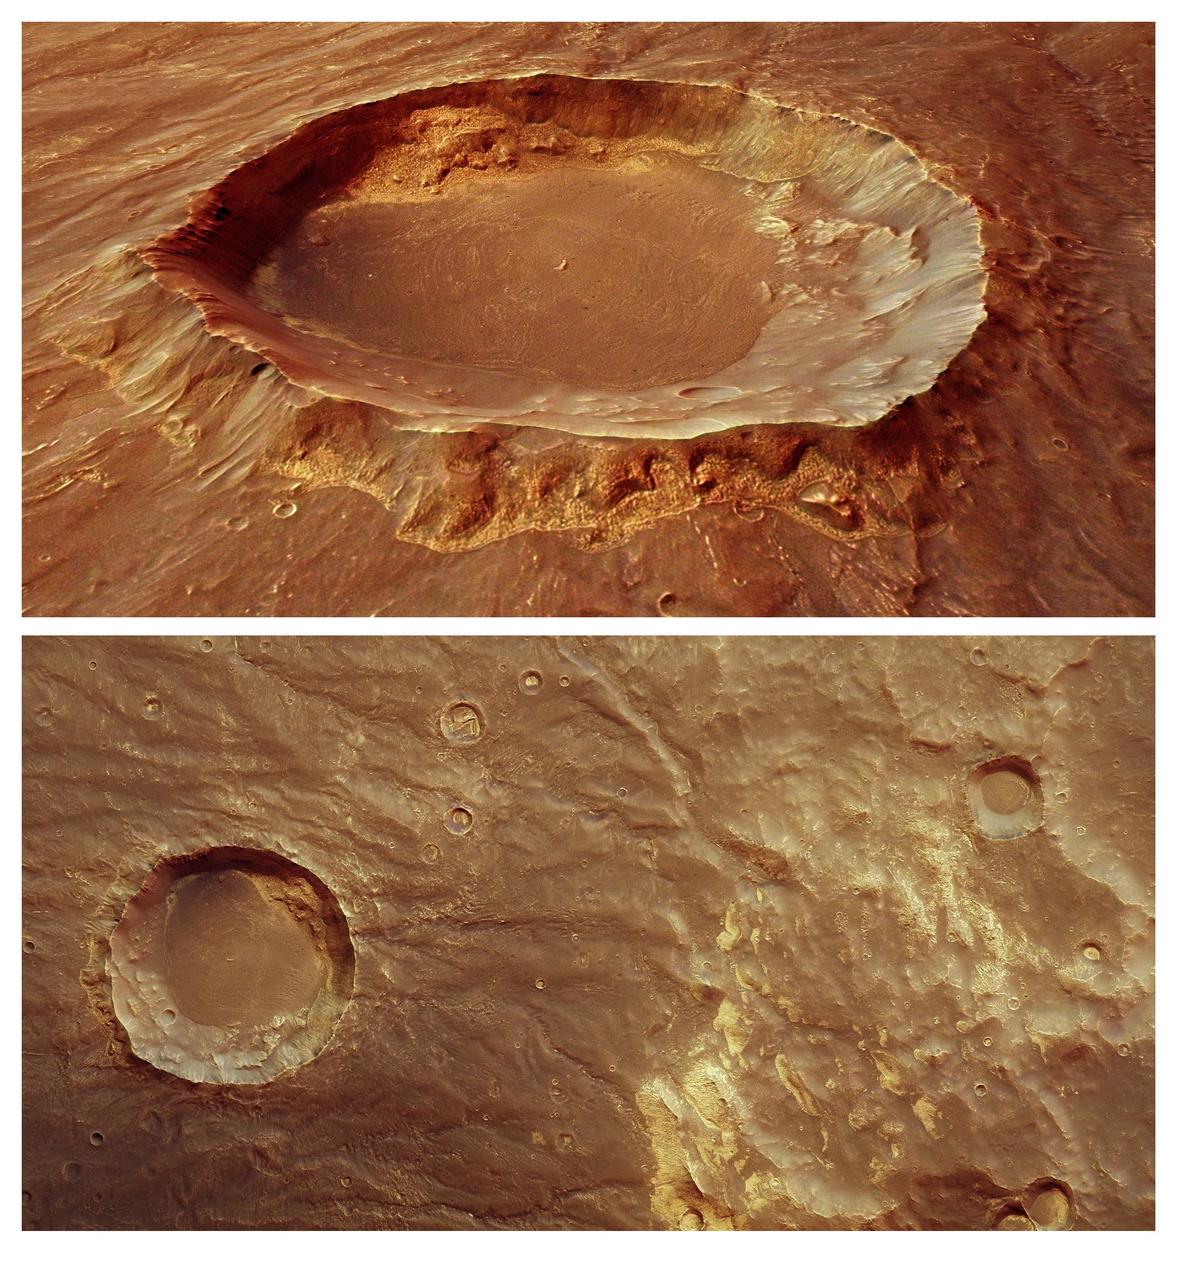 En Marte nieva, pero solo por la noche